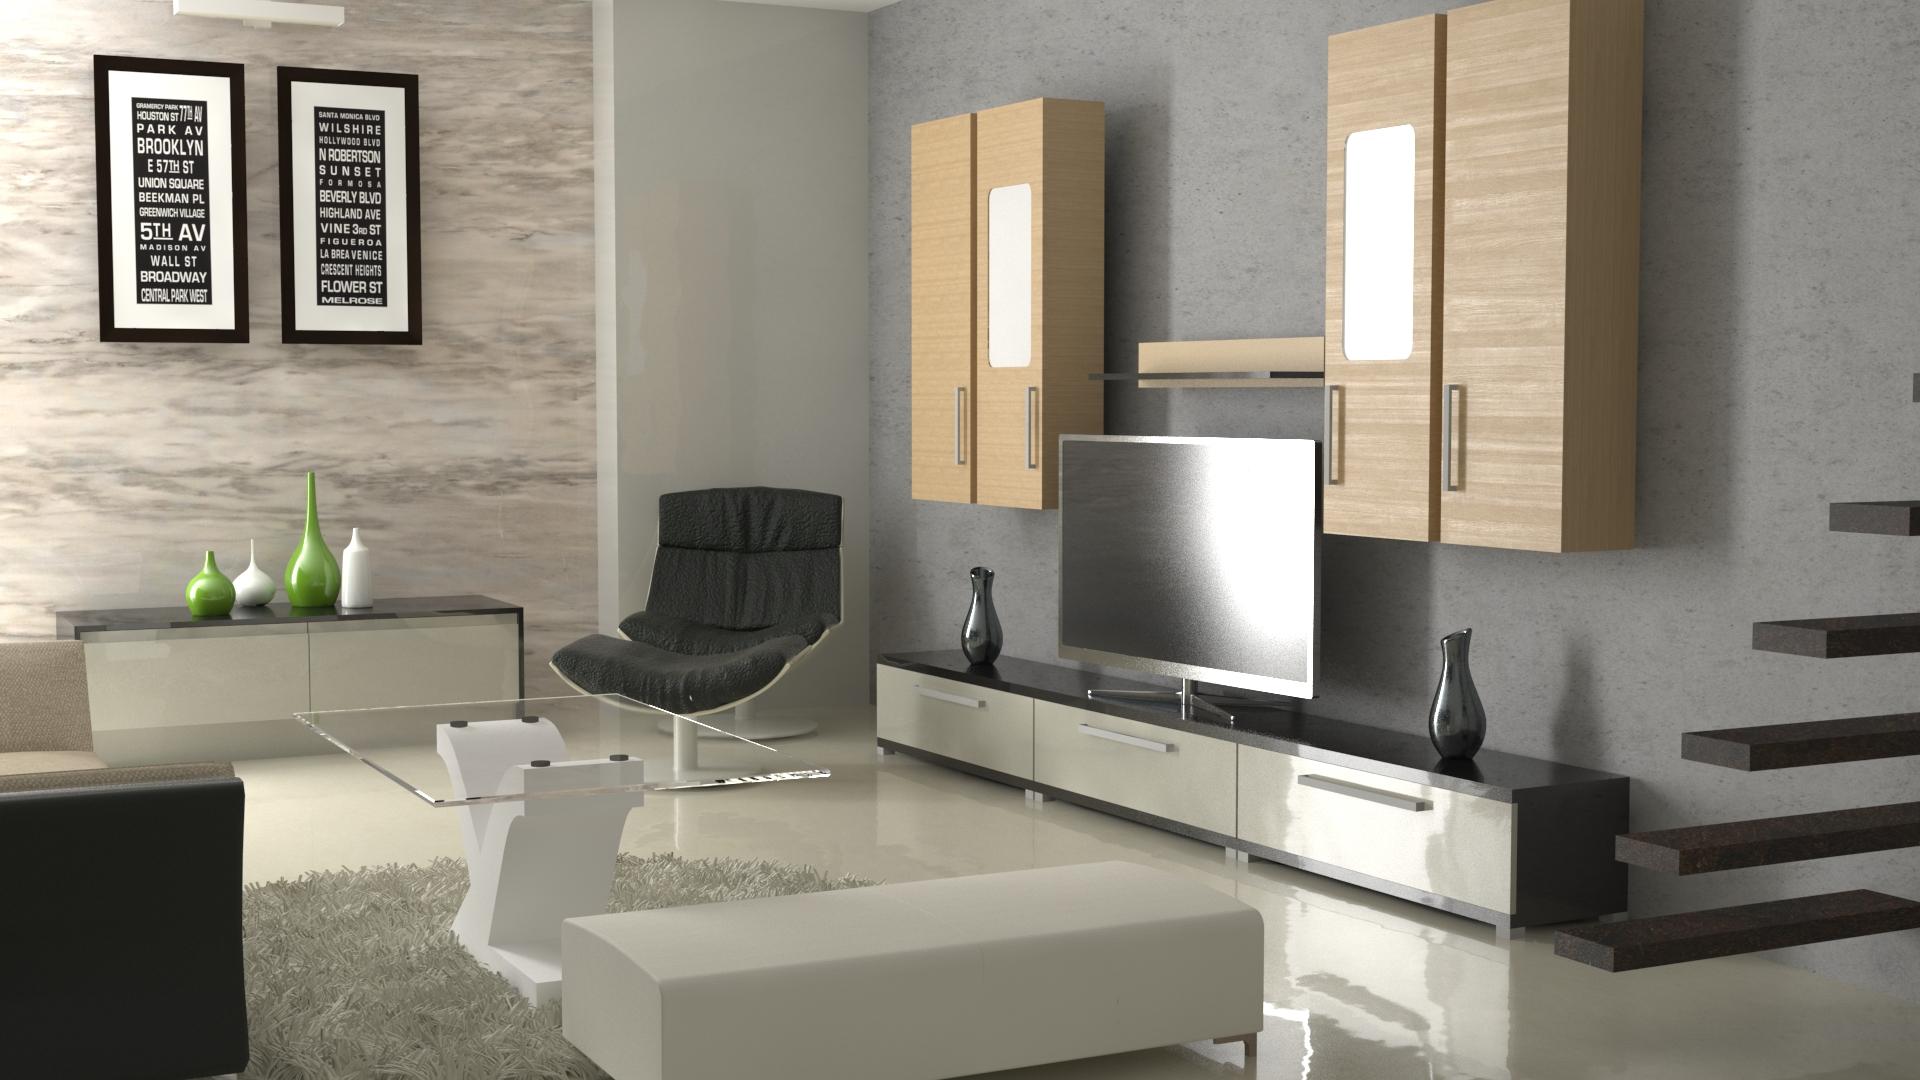 interior design 01 3d model obj max 264660